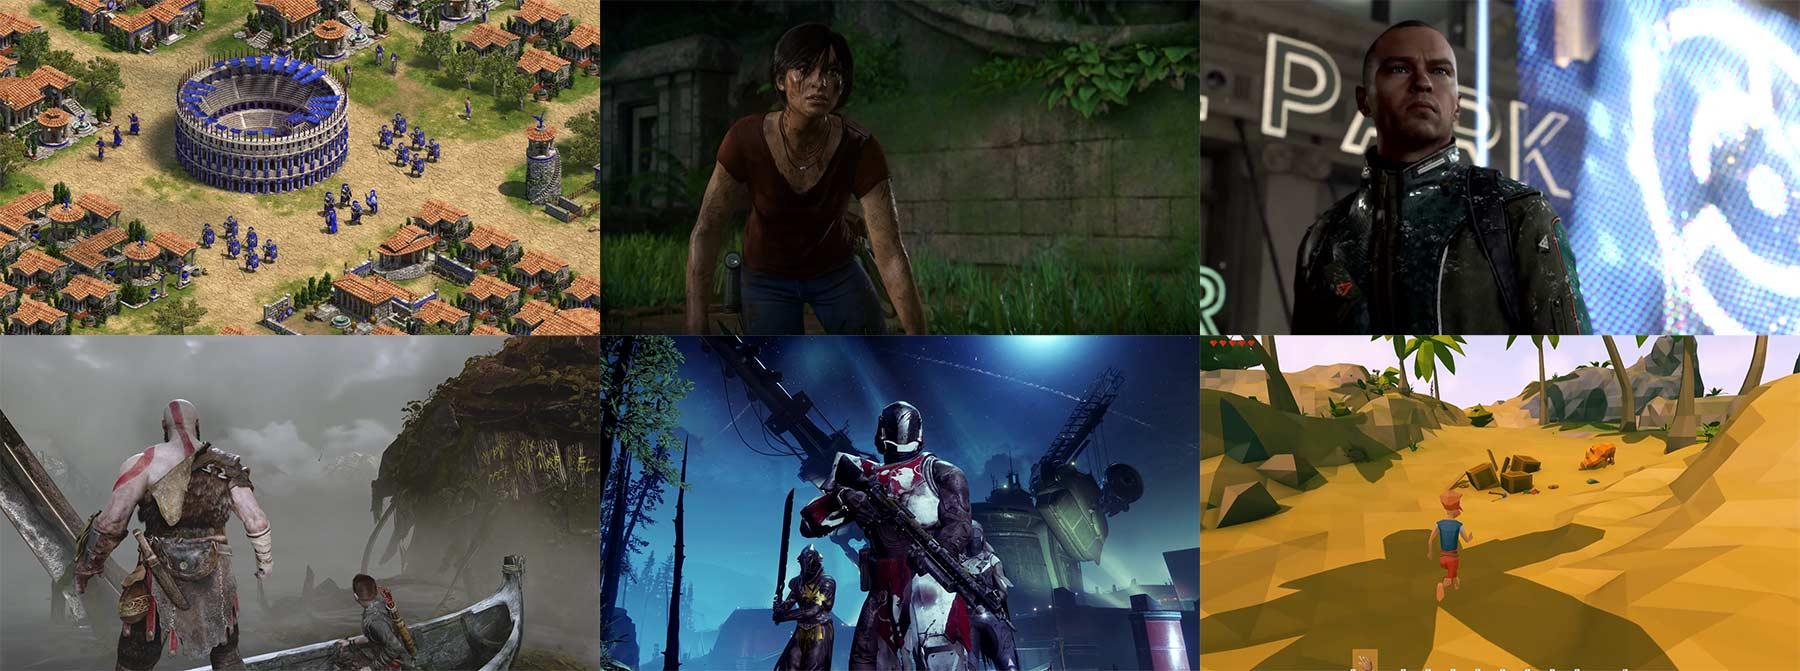 E3 2017 Trailer: Age of Empires, God of War, Destiny 2, Far Cry 5, …